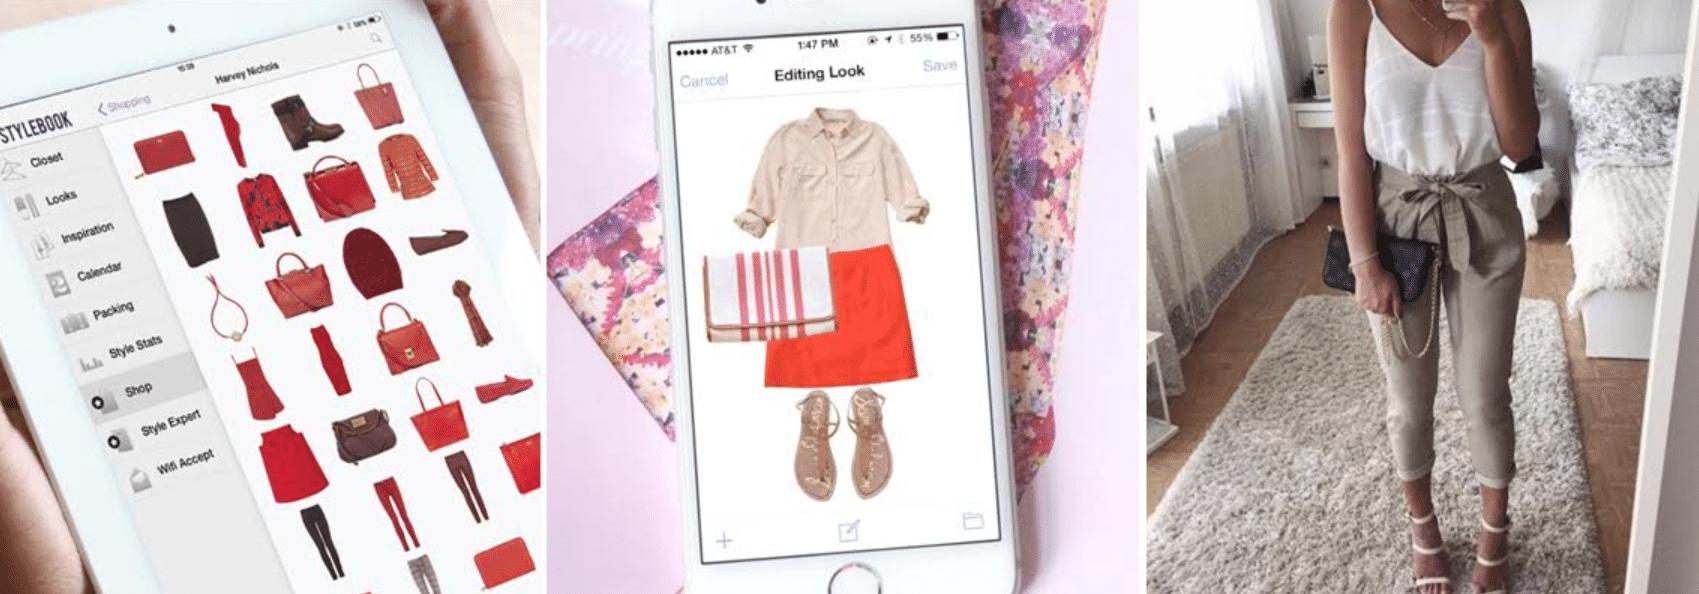 imagens do aplicativo stylebook